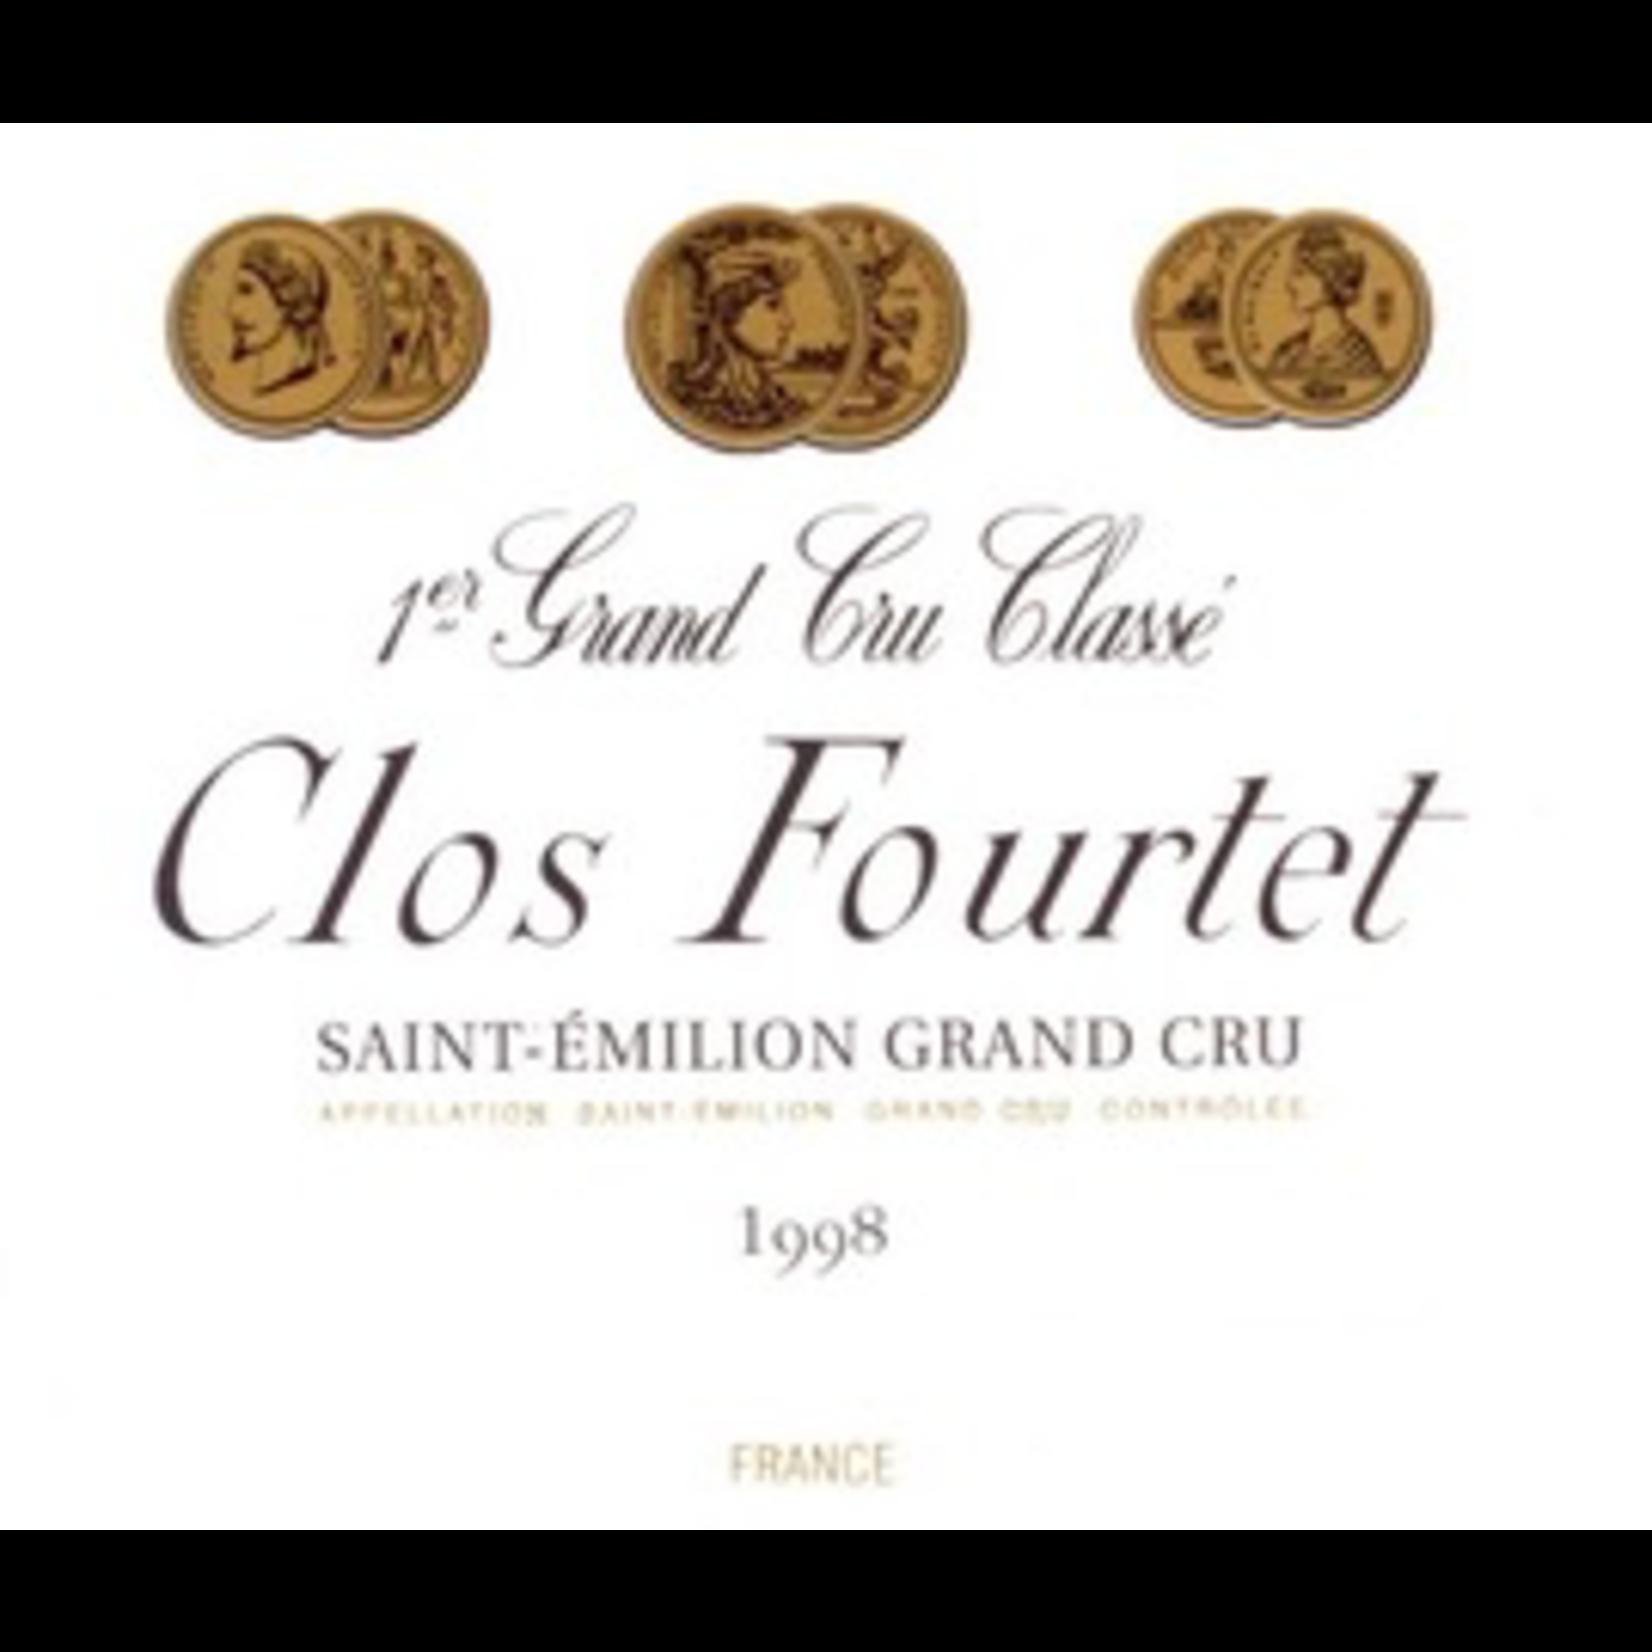 Clos Fourtet Saint Emilion 1998